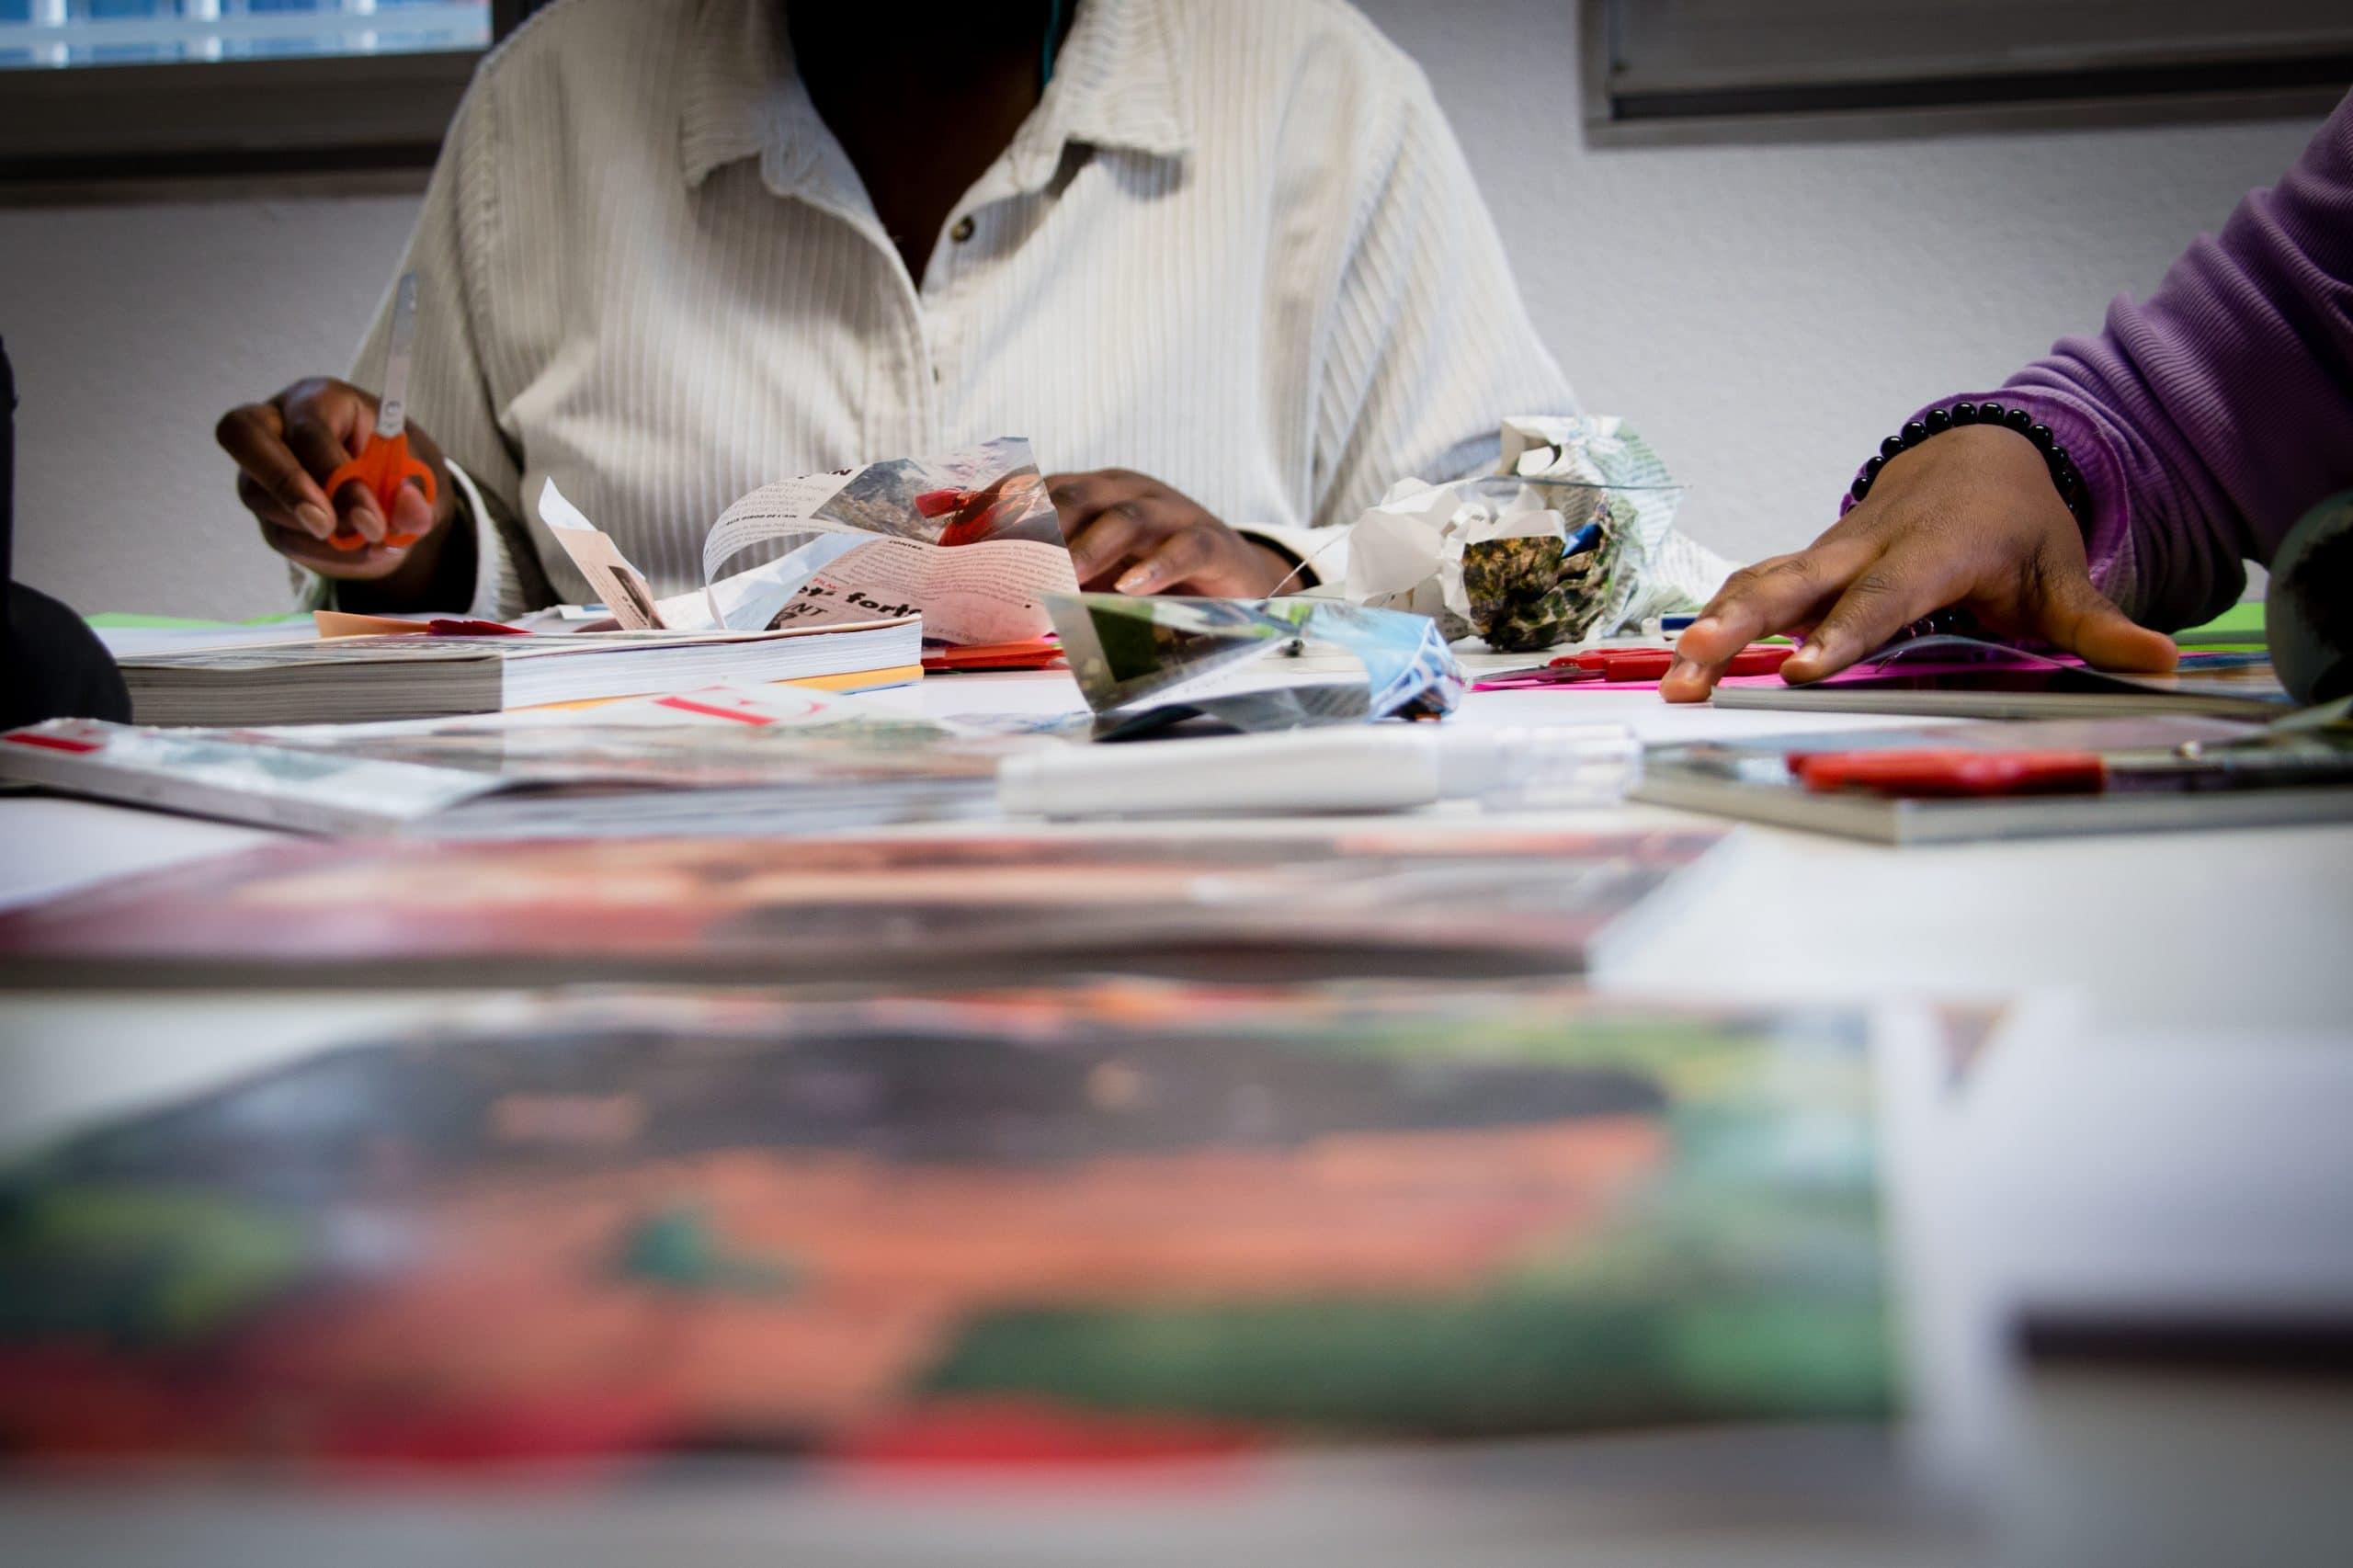 Ateliers d'expression artistique